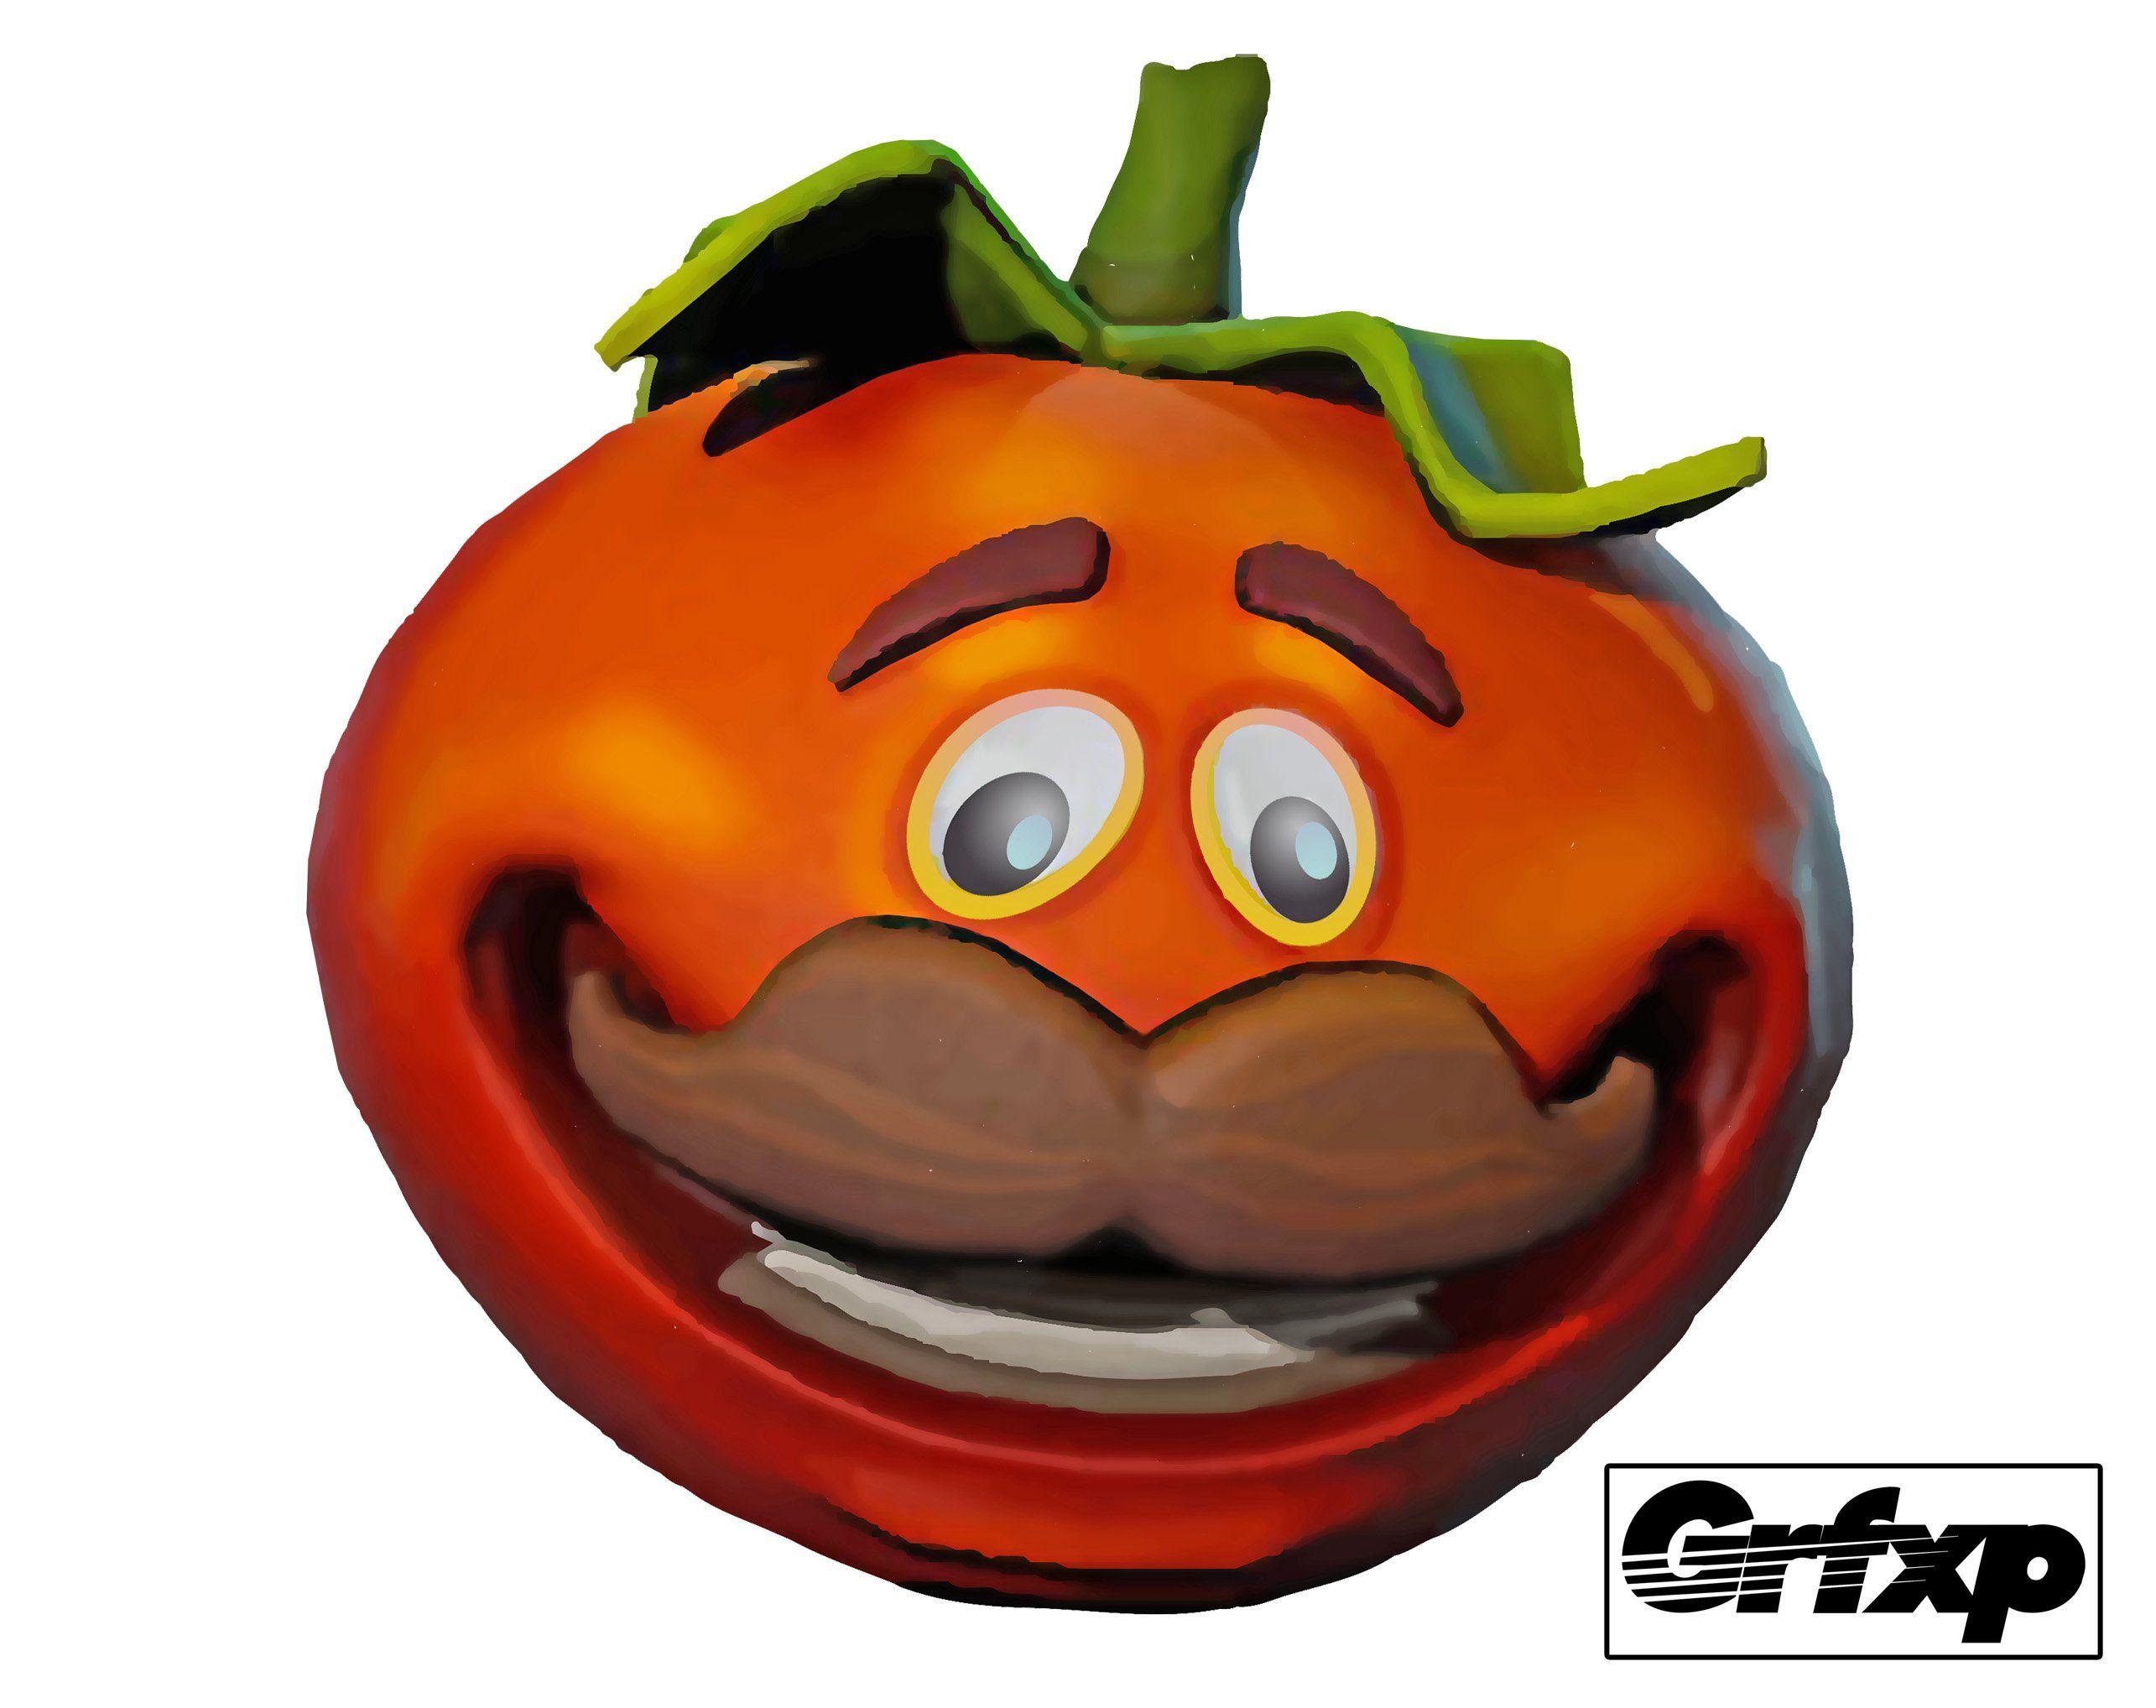 Fortnite head. Tomato man printed sticker